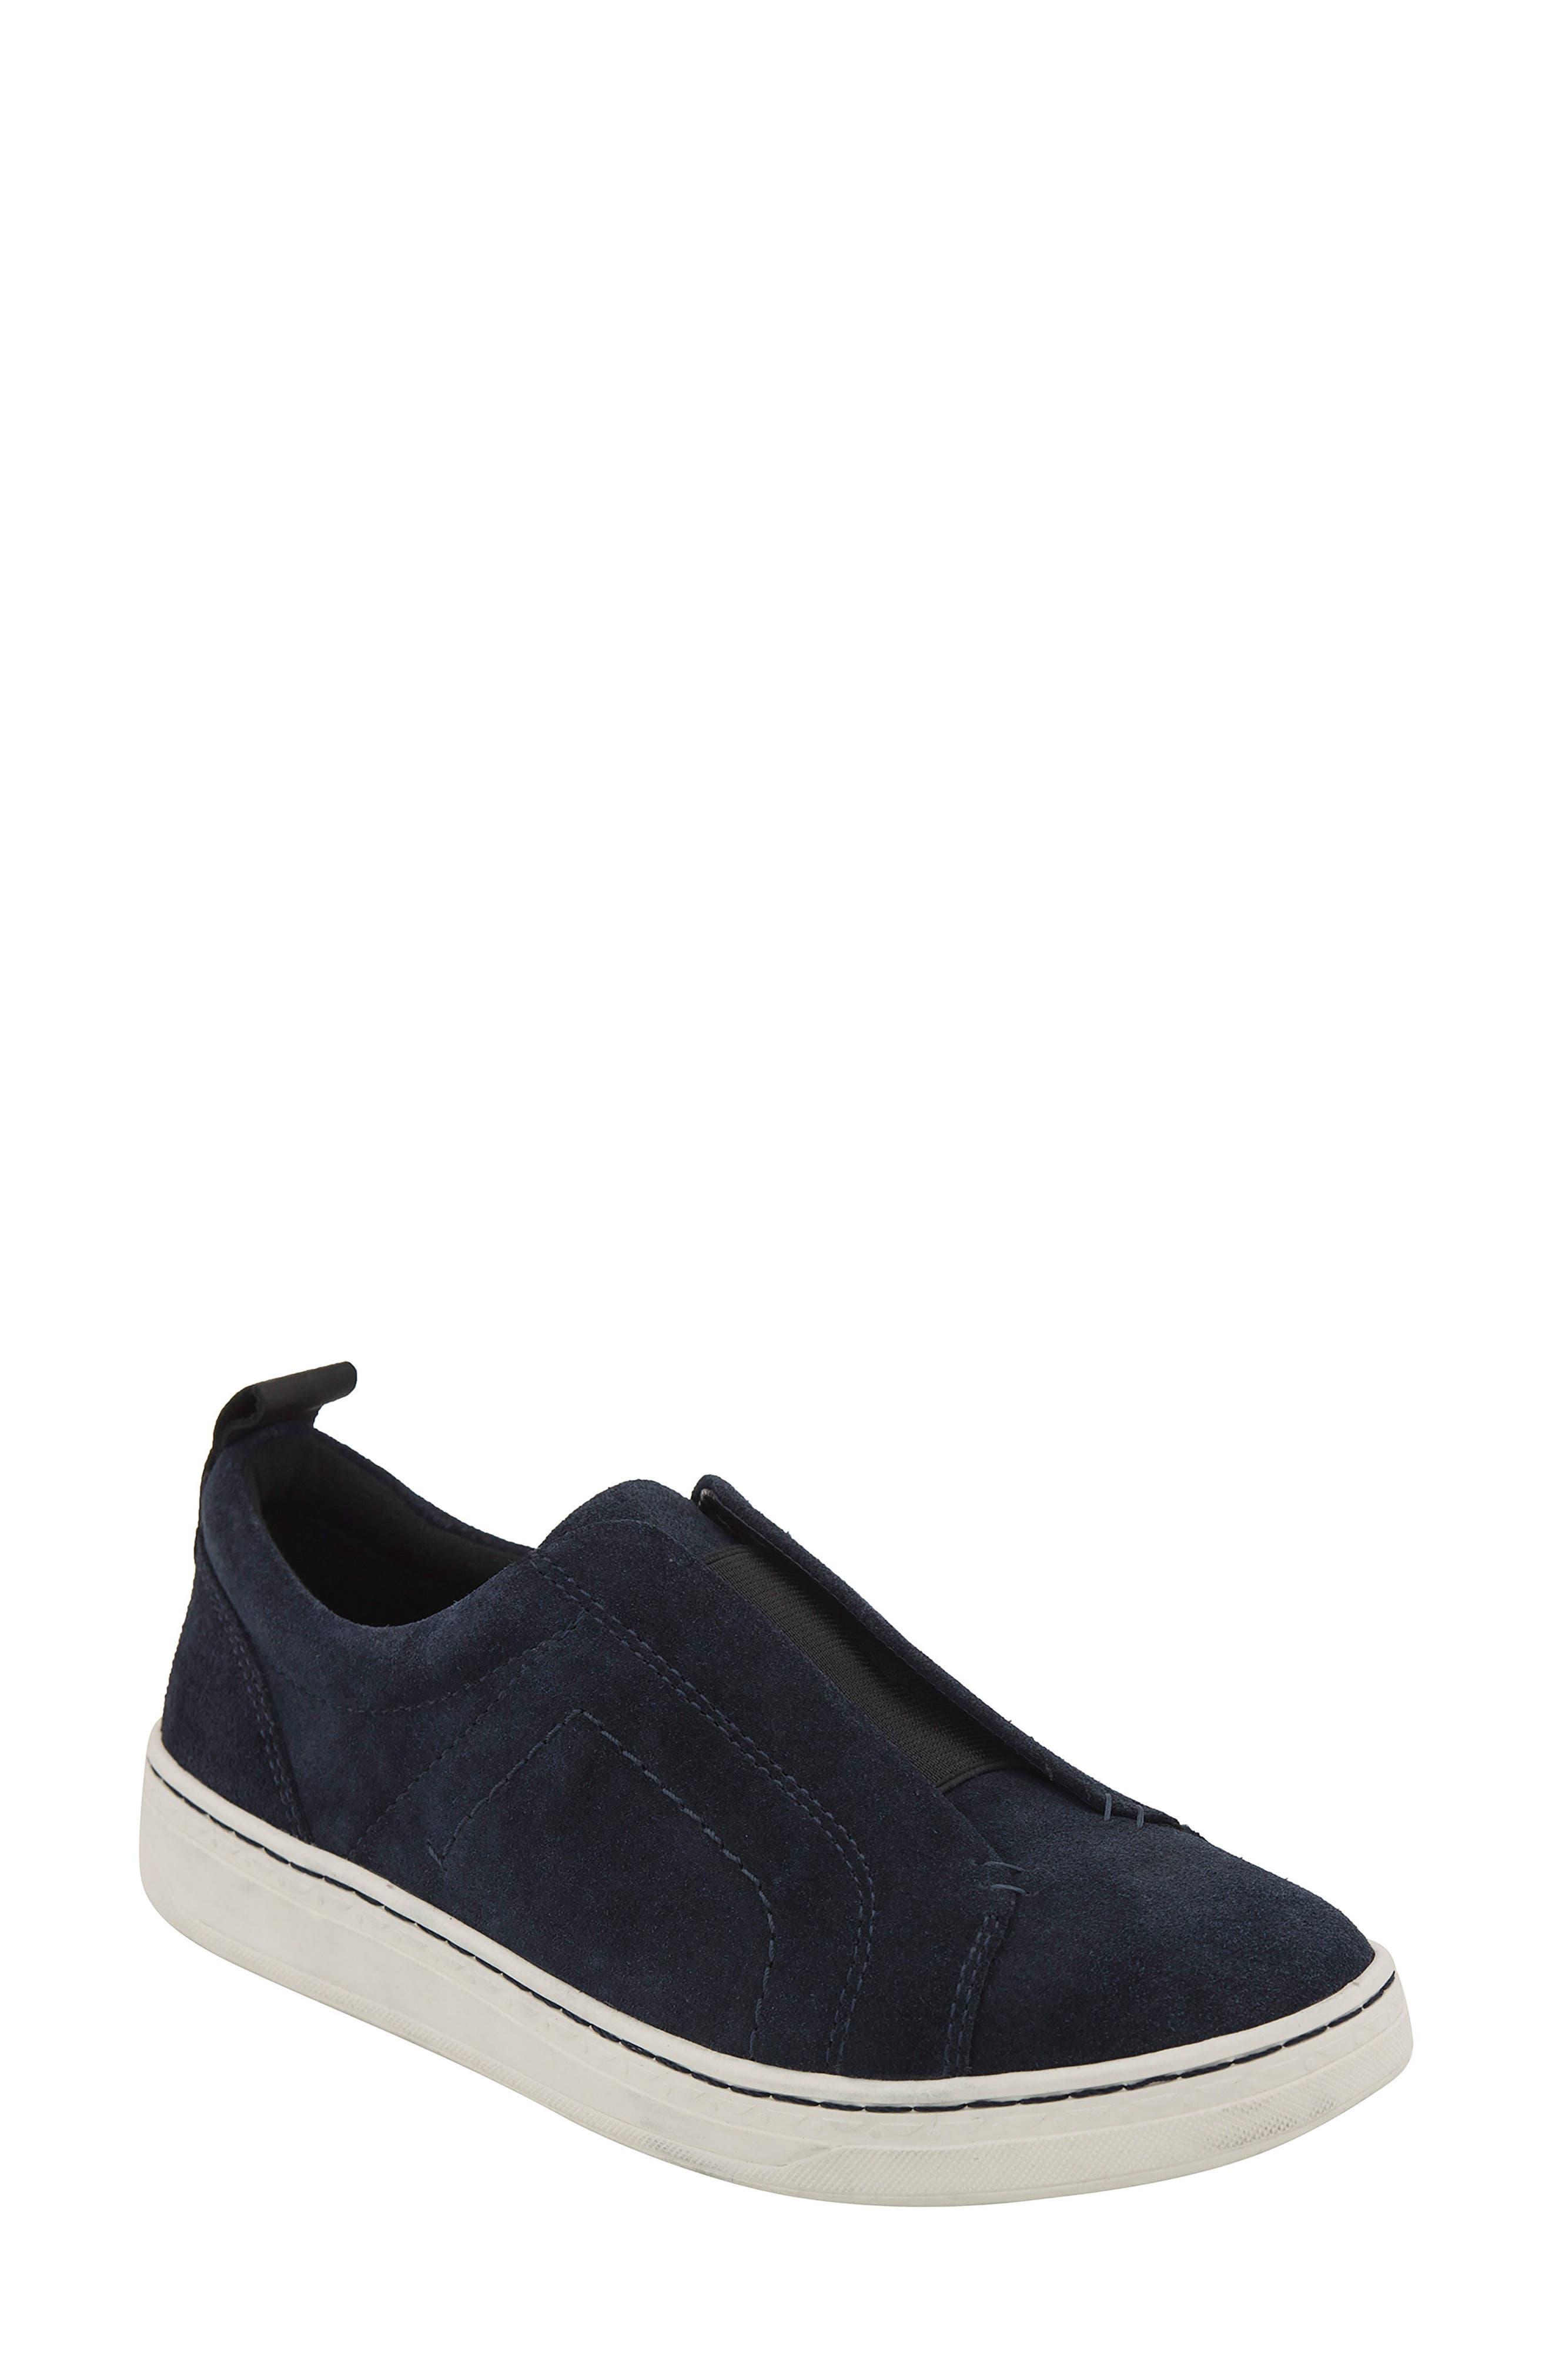 Zetta Slip-On Sneaker,                             Main thumbnail 2, color,